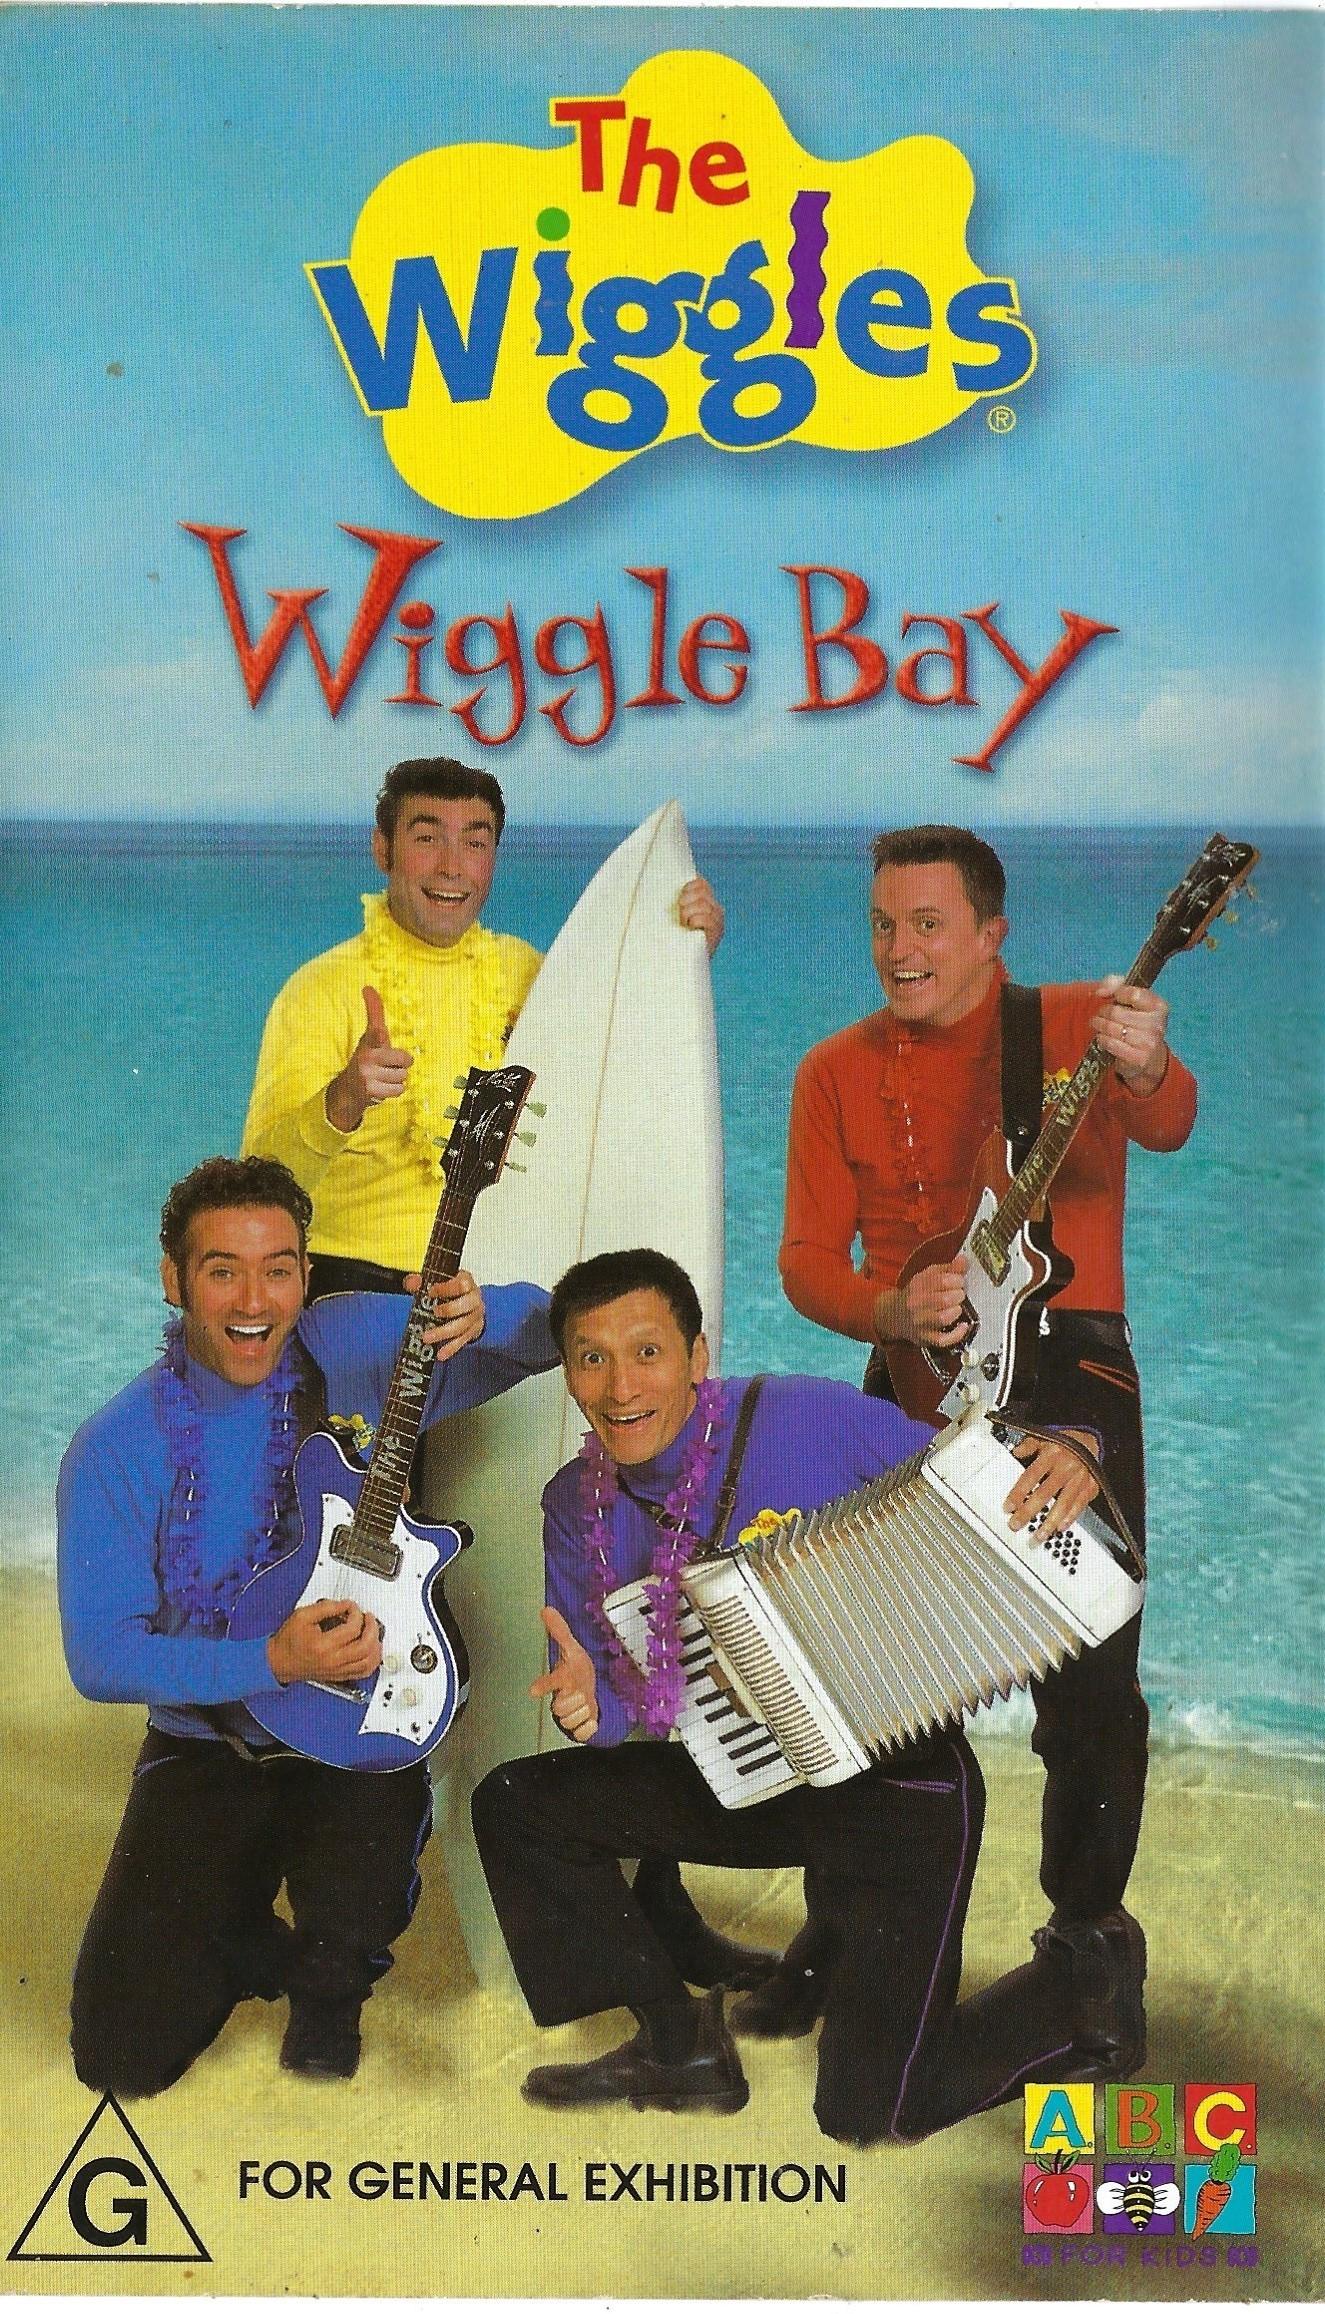 Wiggle Bay | Wigglepedia | FANDOM powered by Wikia